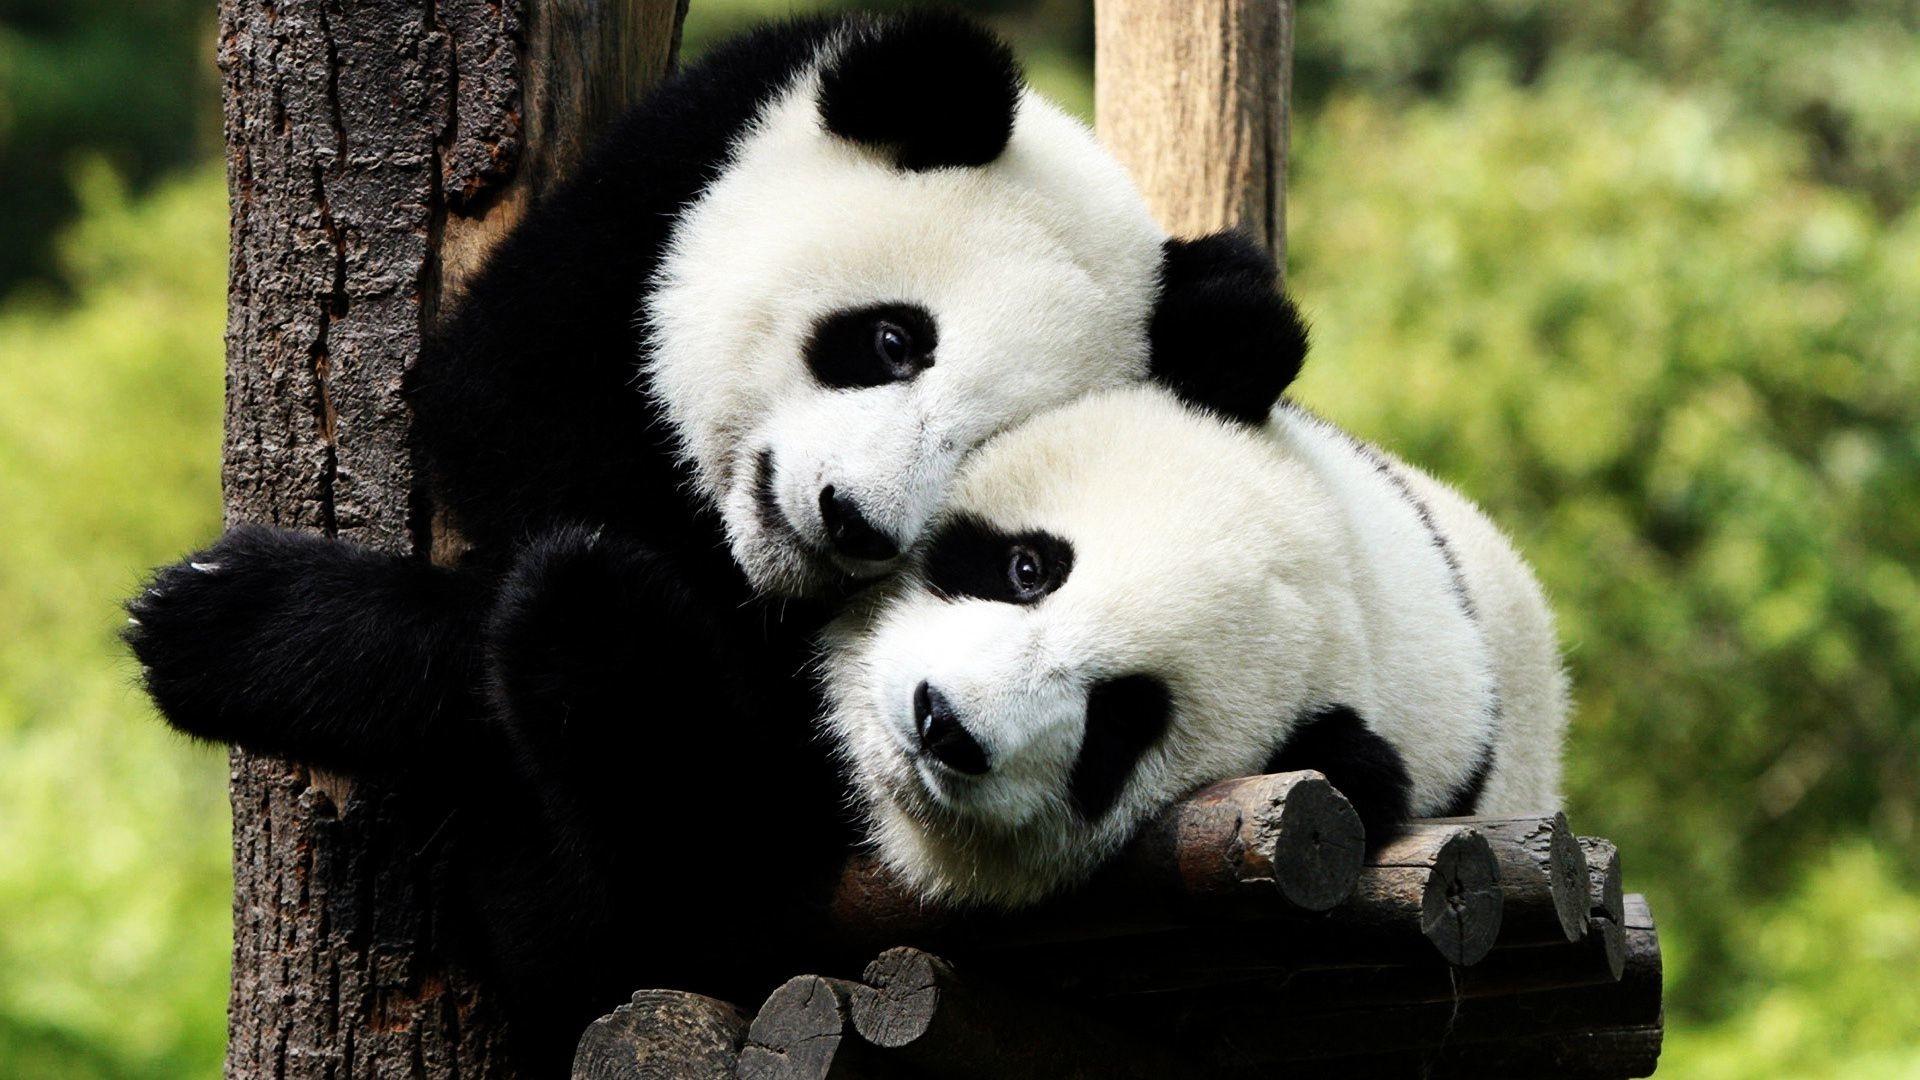 Wallpaper Cute Baby Panda Images Hd Gambarku